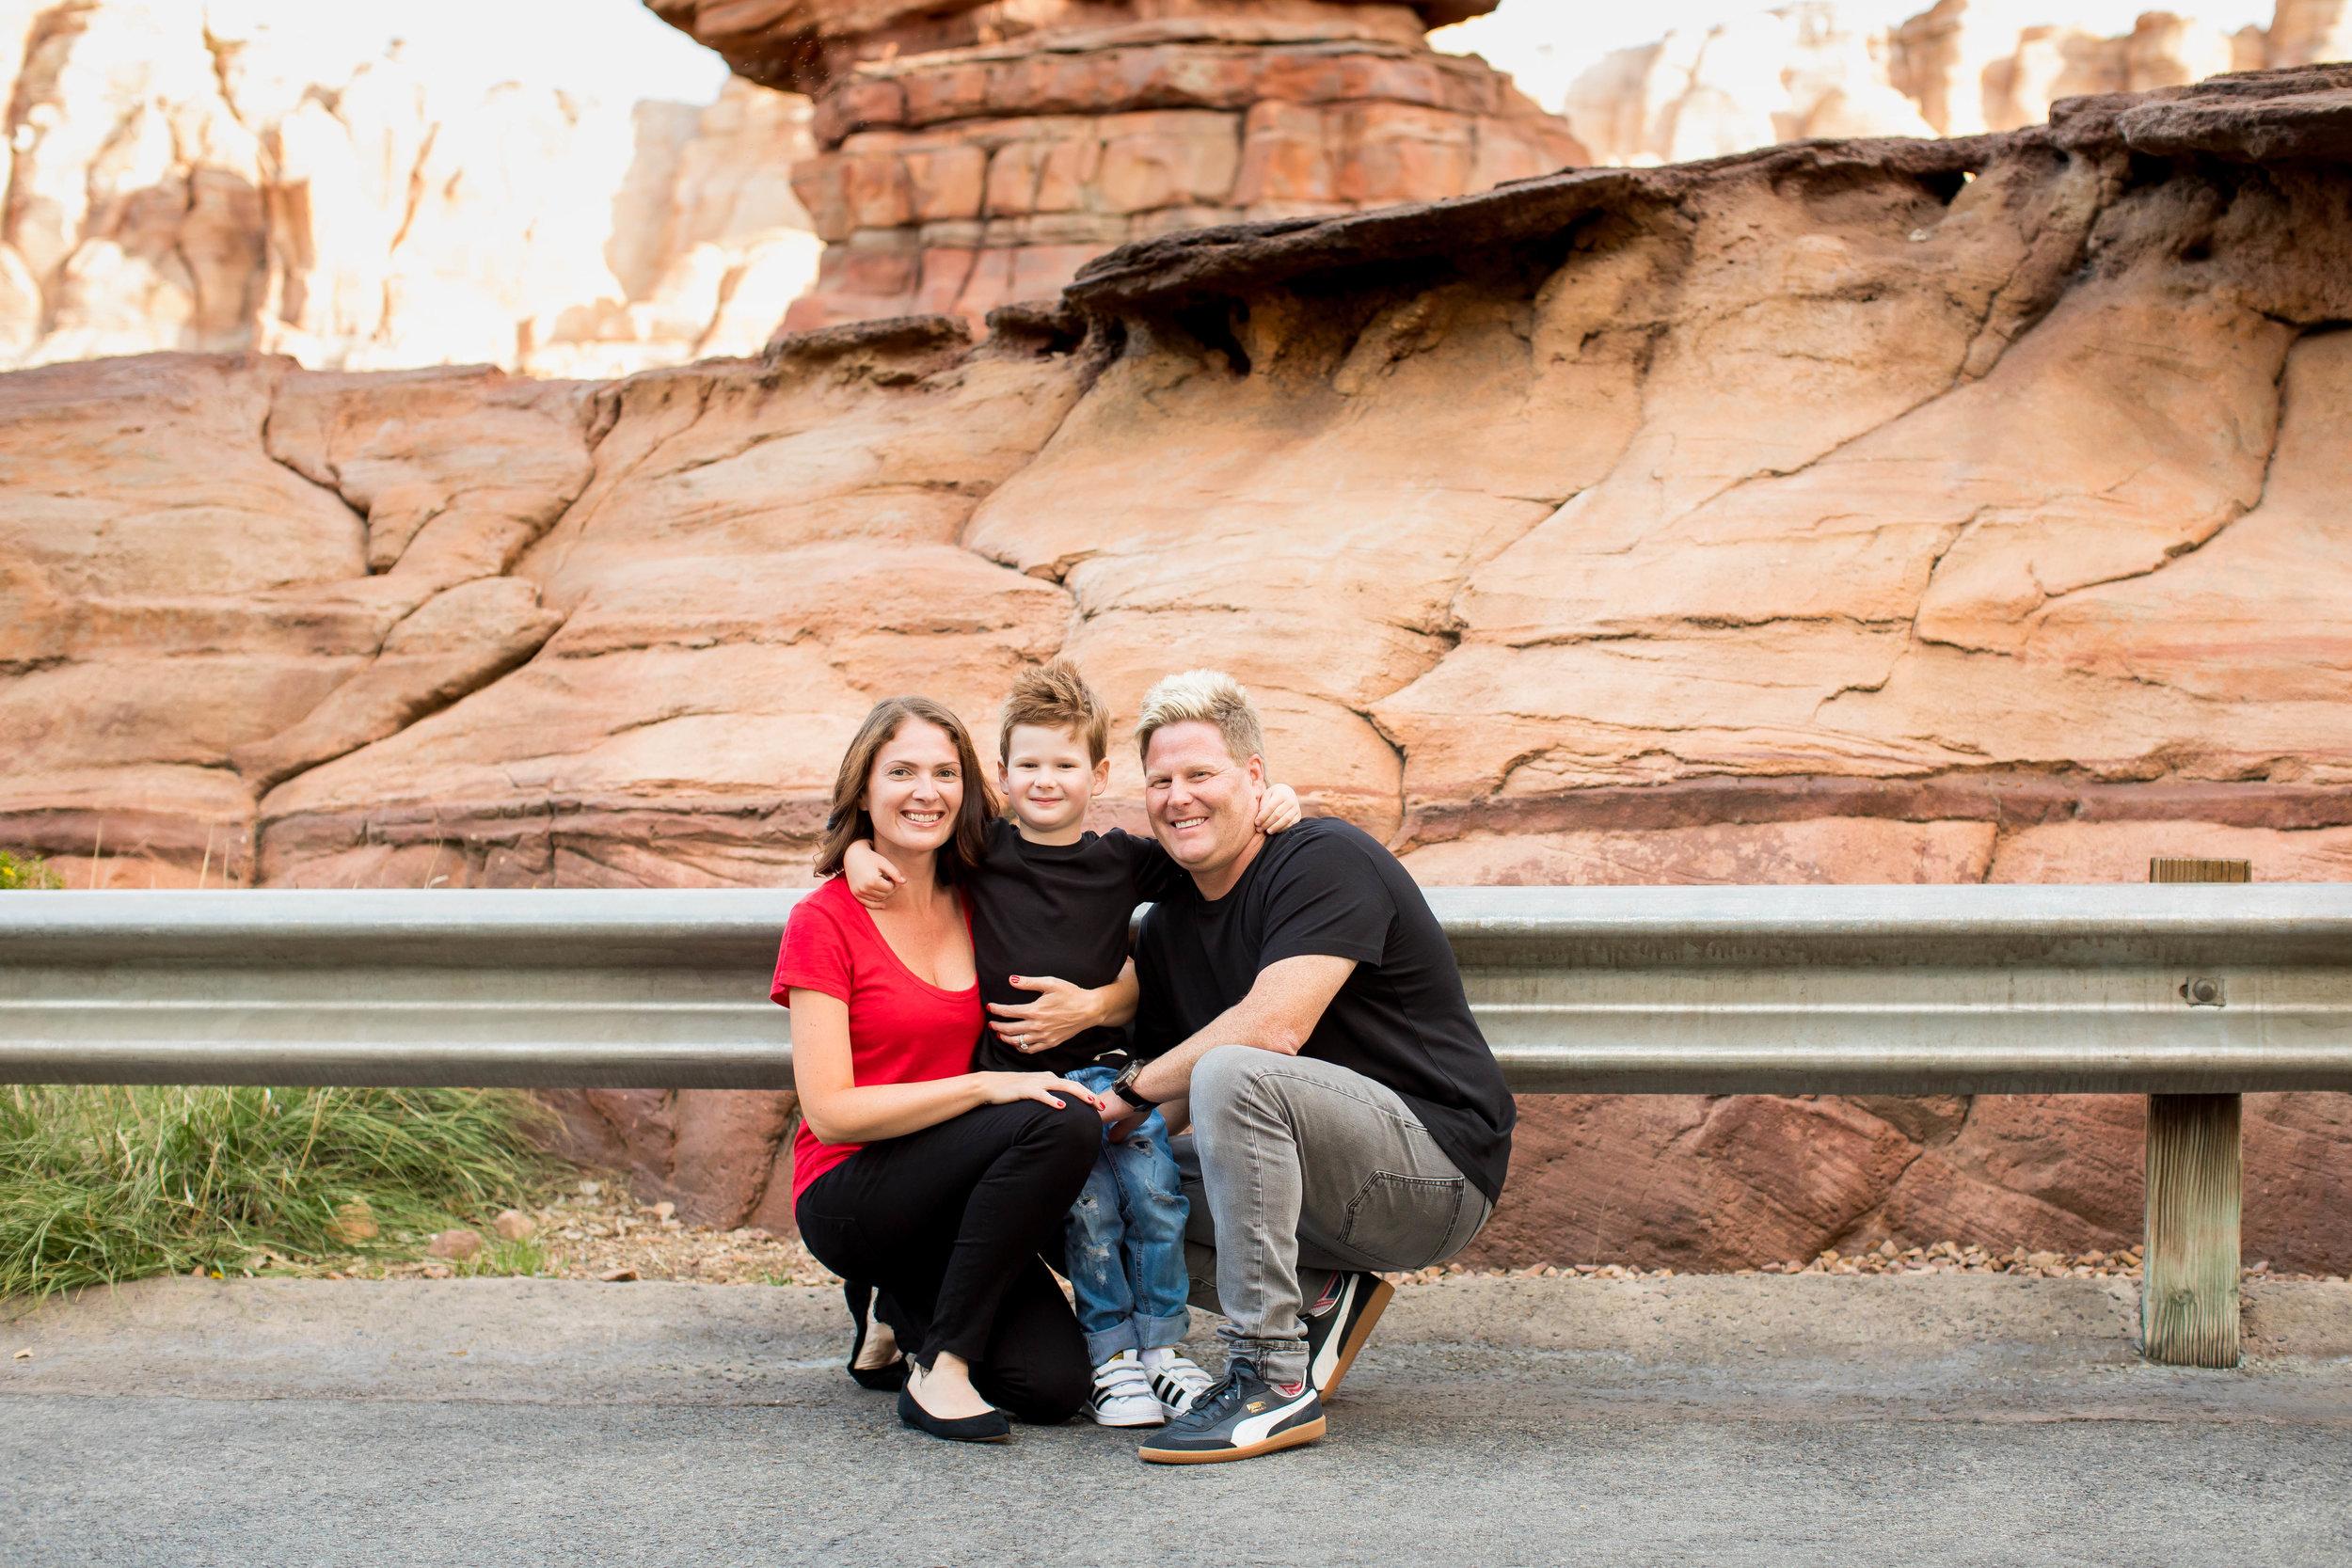 DisneylandPhotographer-SarahBlockPhotography.jpg